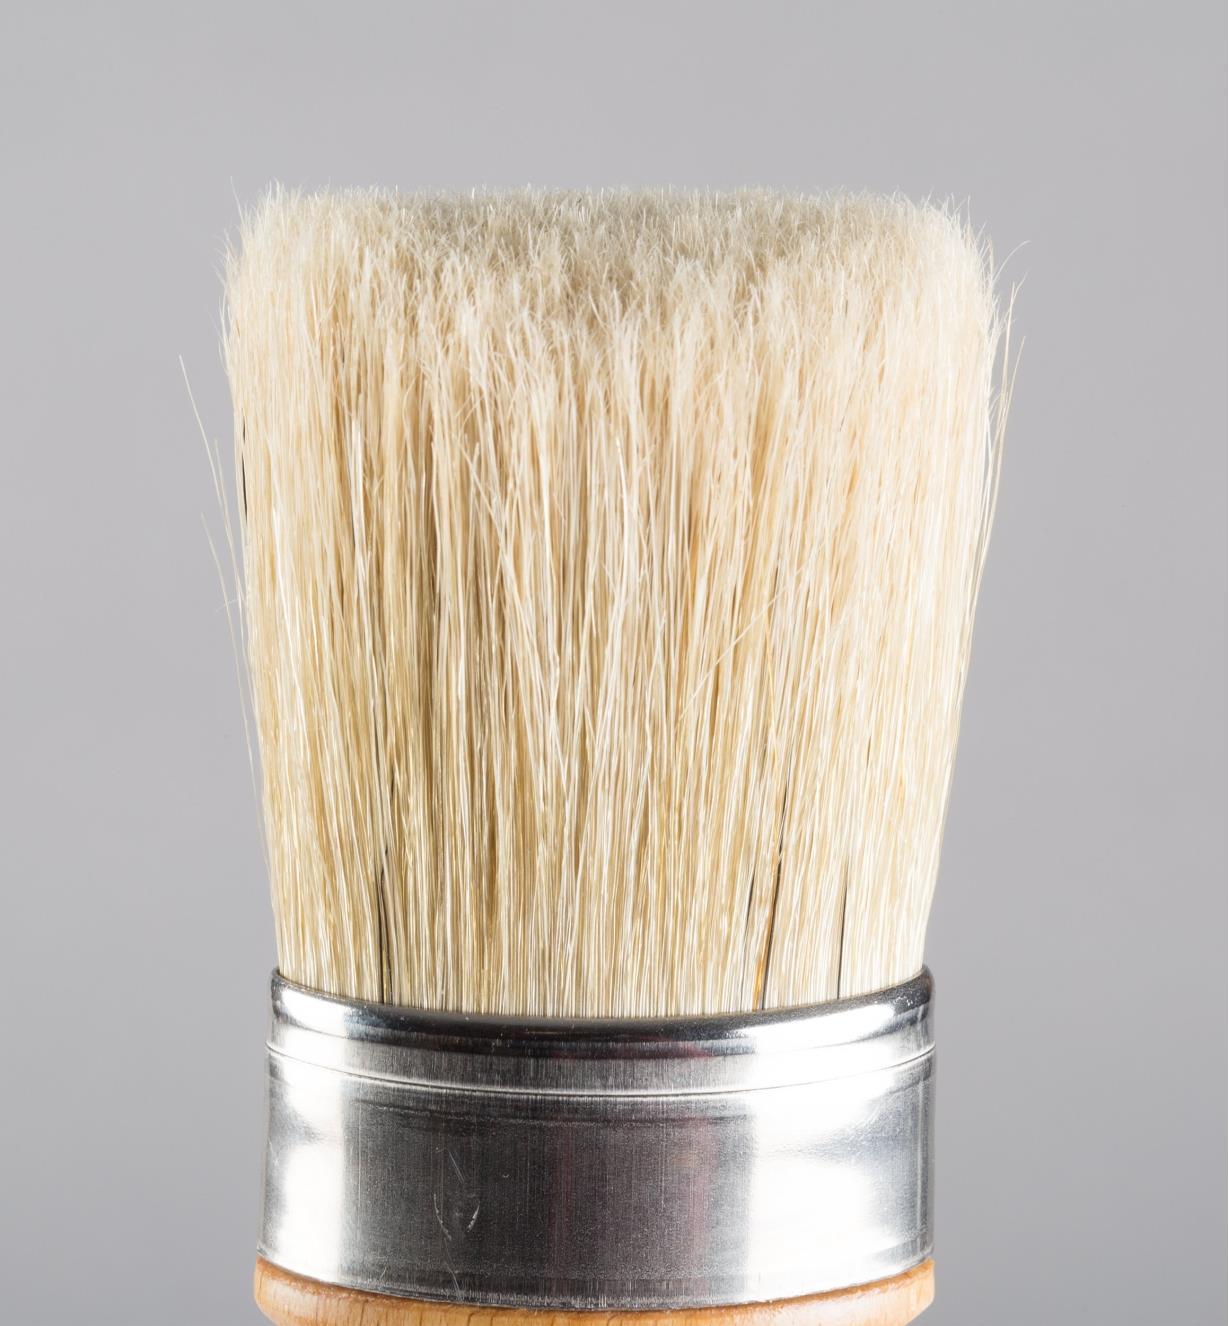 33K5101 - Pinceau à vernis ovale, 40mm (19/16po), l'unité